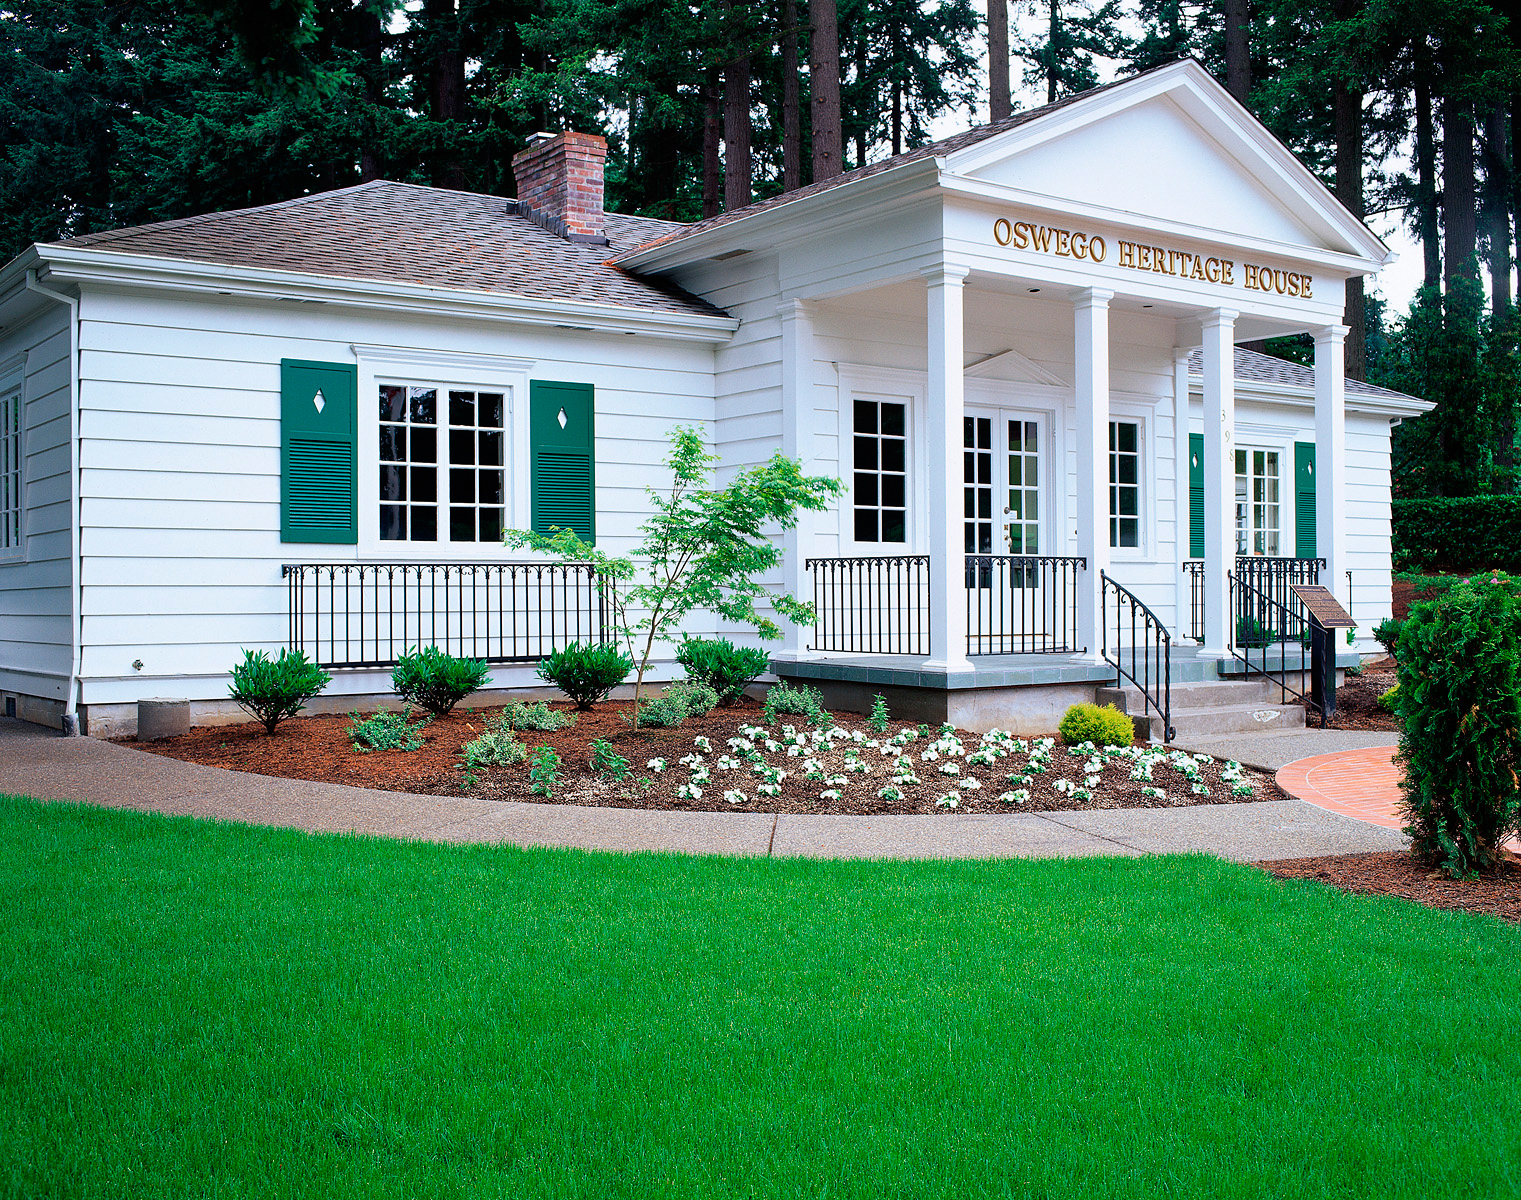 Oswego Heritage House